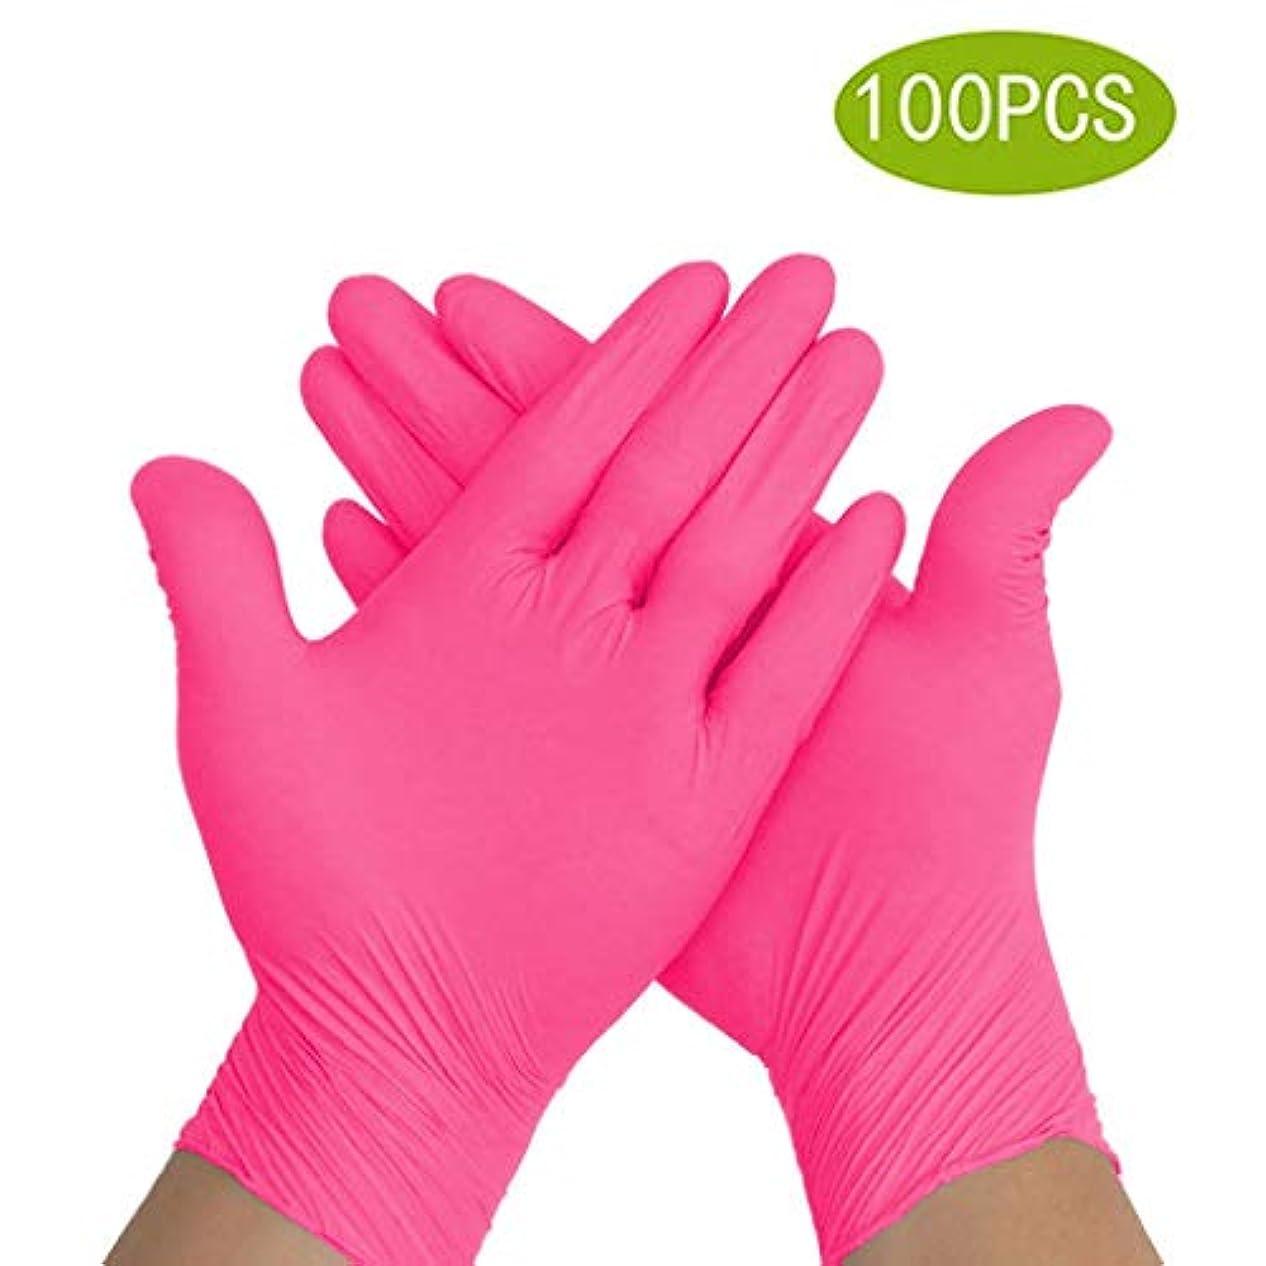 顧問ギャングスター無視できるニトリル使い捨て手袋、パウダーフリーのレッドビューティーサロンタトゥー、食品用手袋、ラテックスフリー、100個ディスペンサーパック (Size : S)